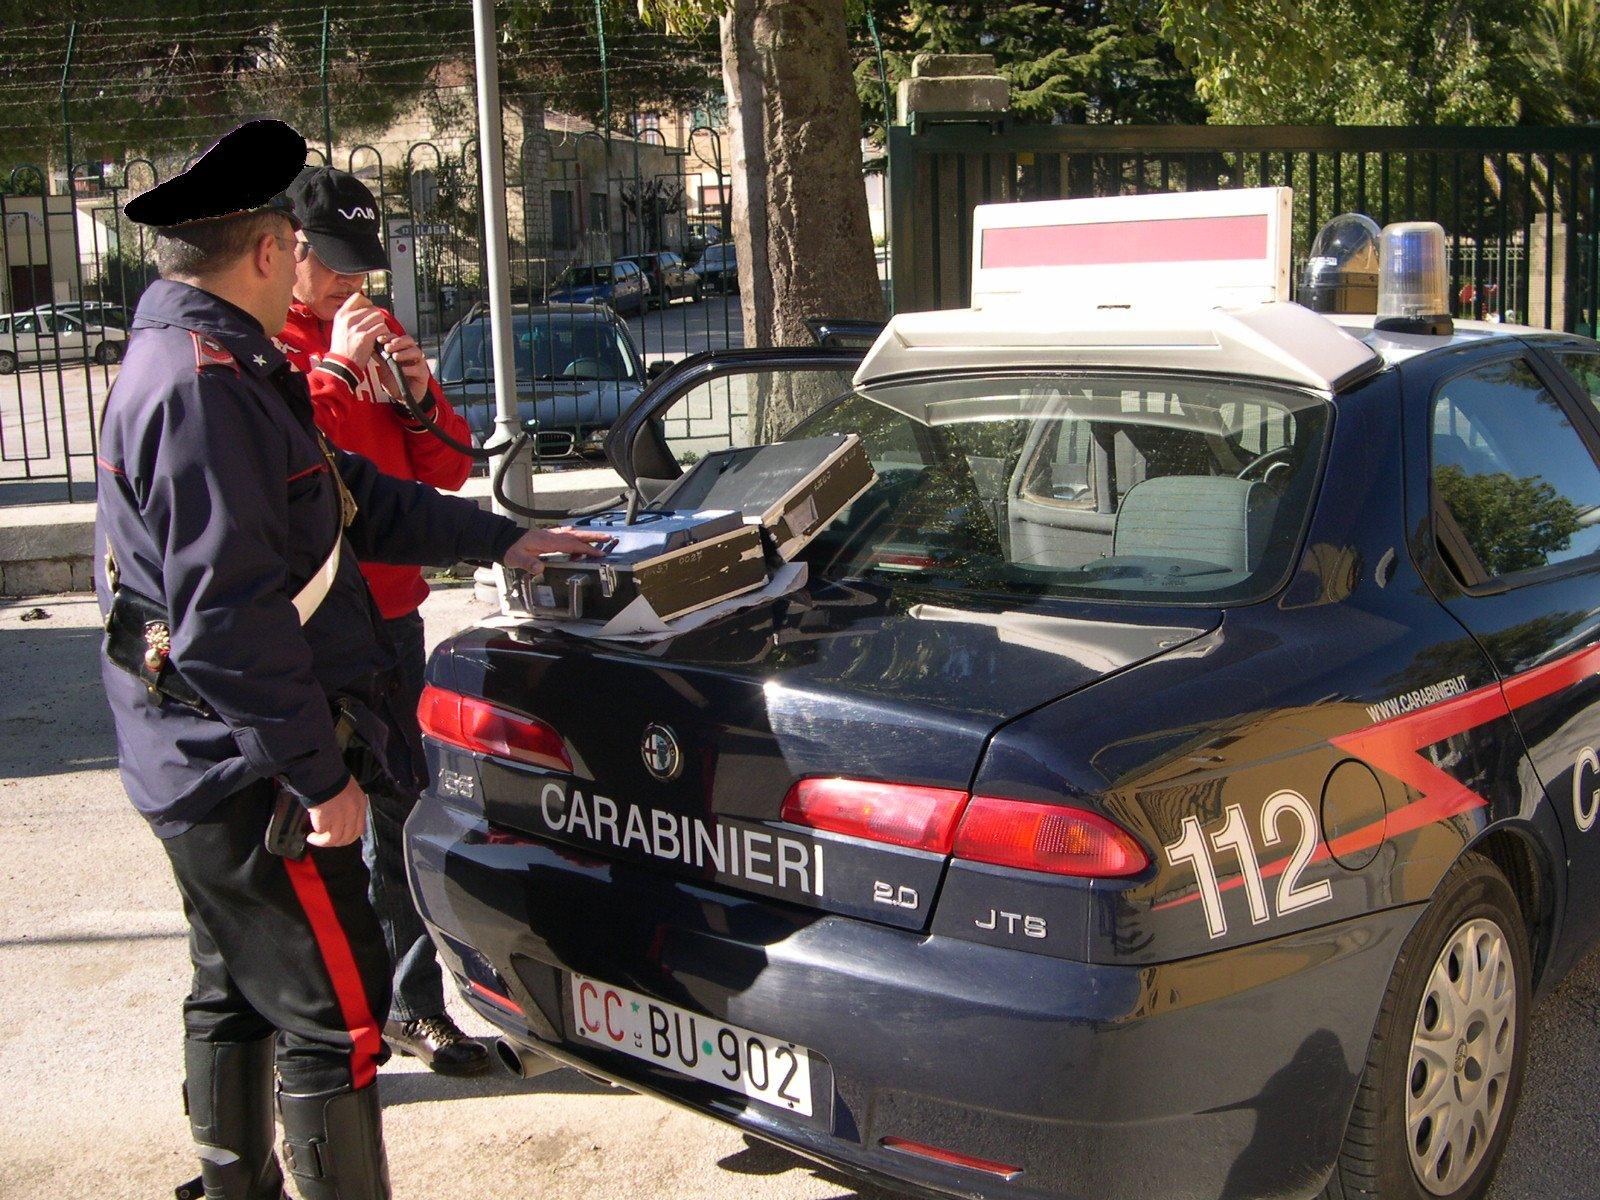 Lercara Friddi: Vasta operazione dei Carabinieri della compagnia di Lercara Friddi